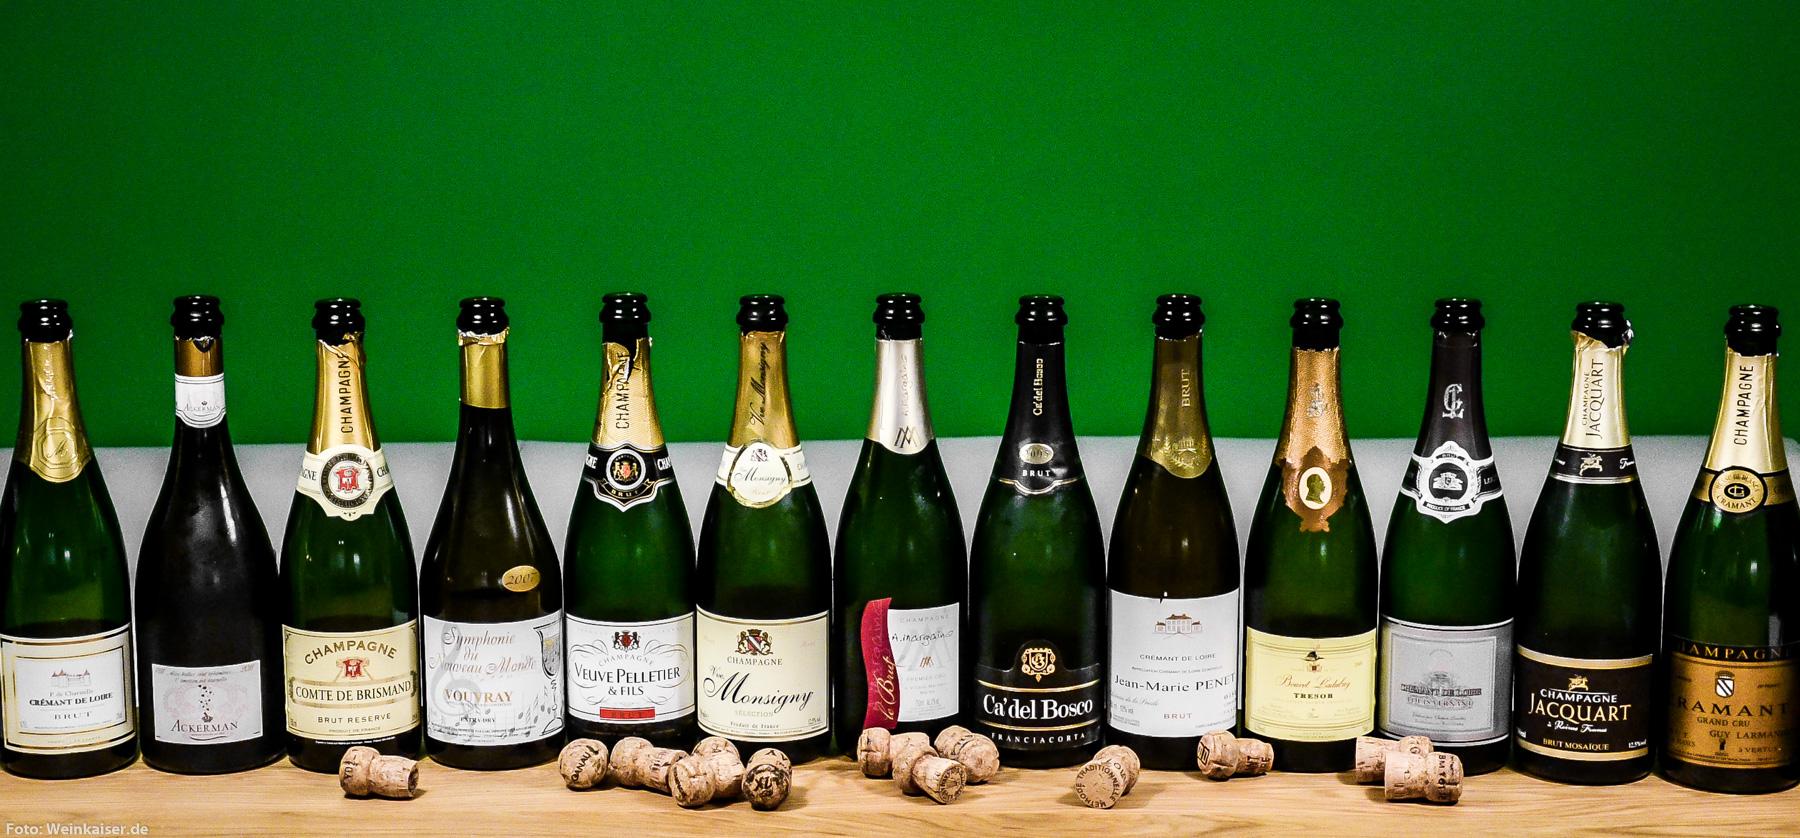 billig champagne